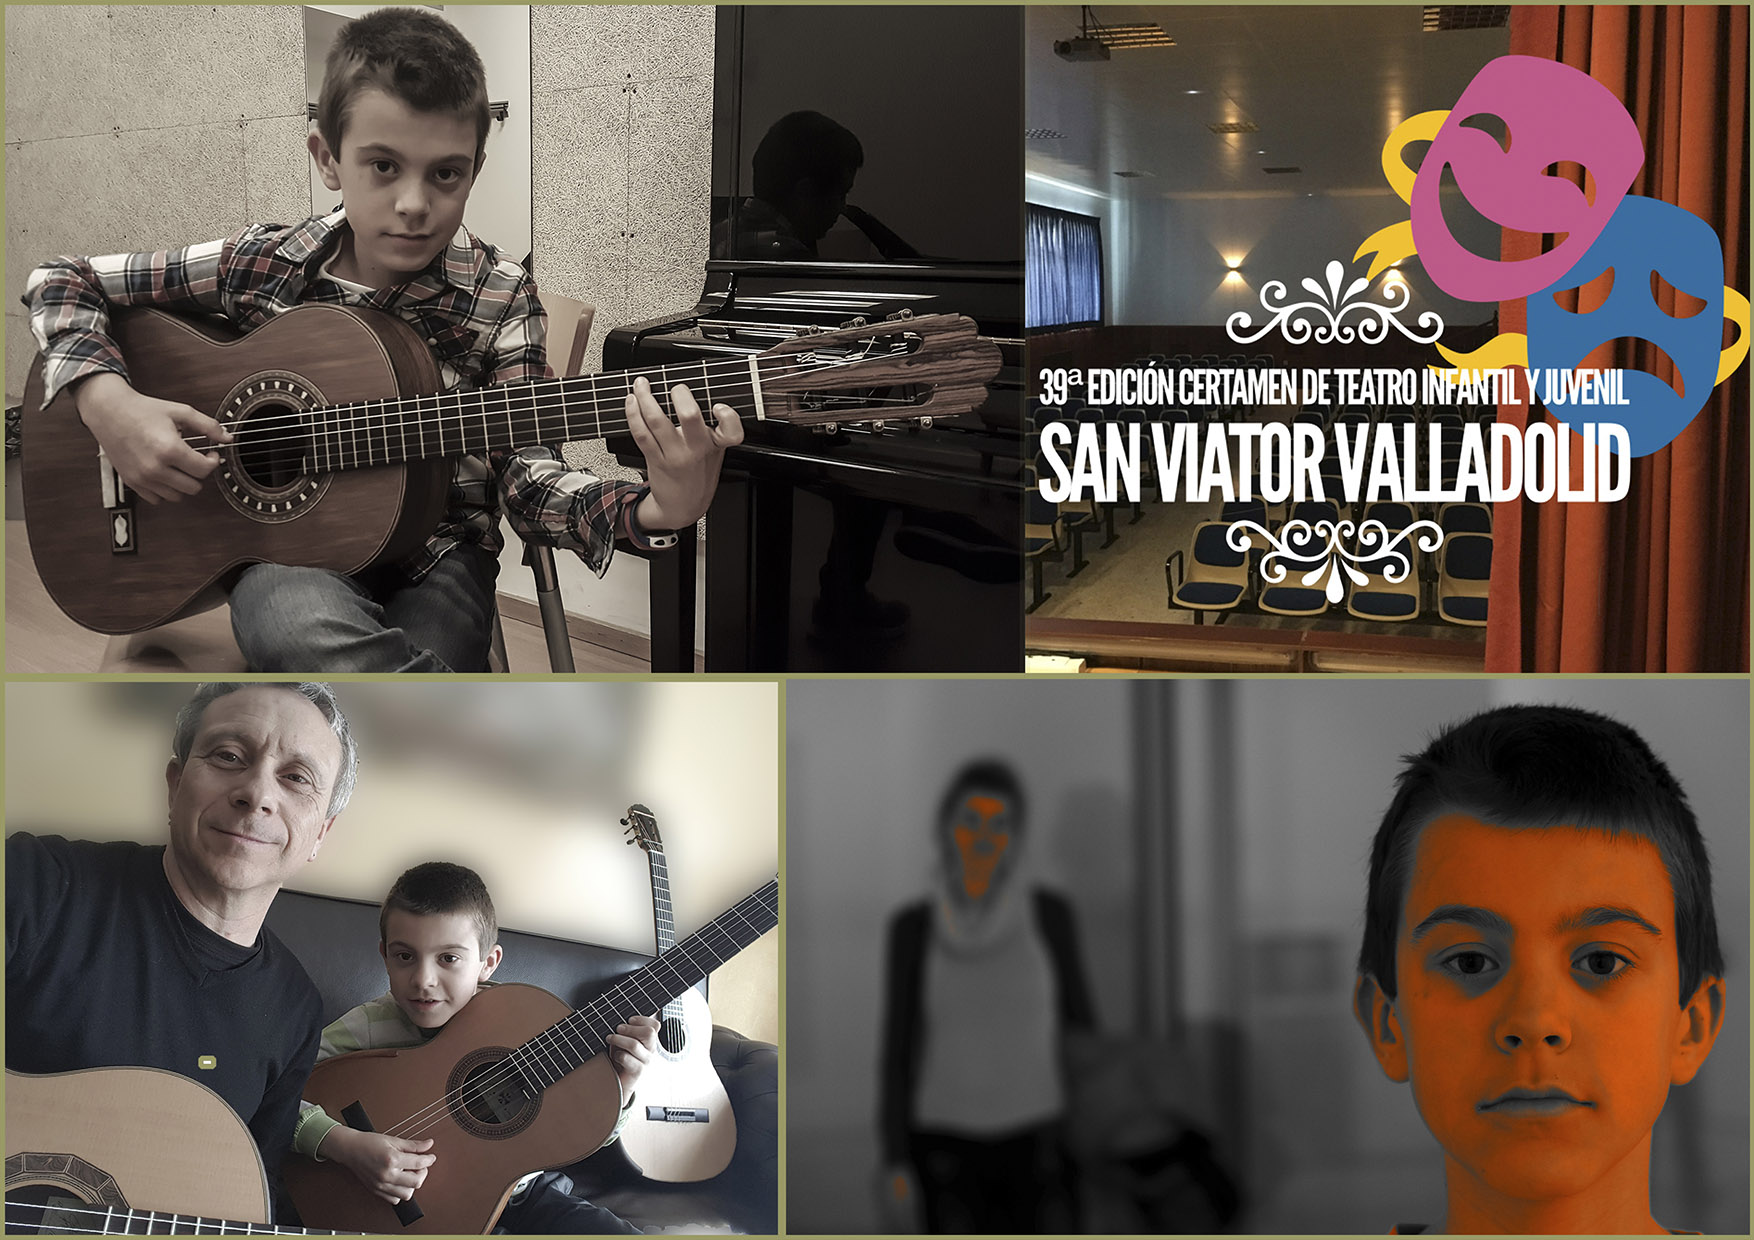 39ª Certamen de Teatro Infantil y Juvenil San Viator (Valladolid)